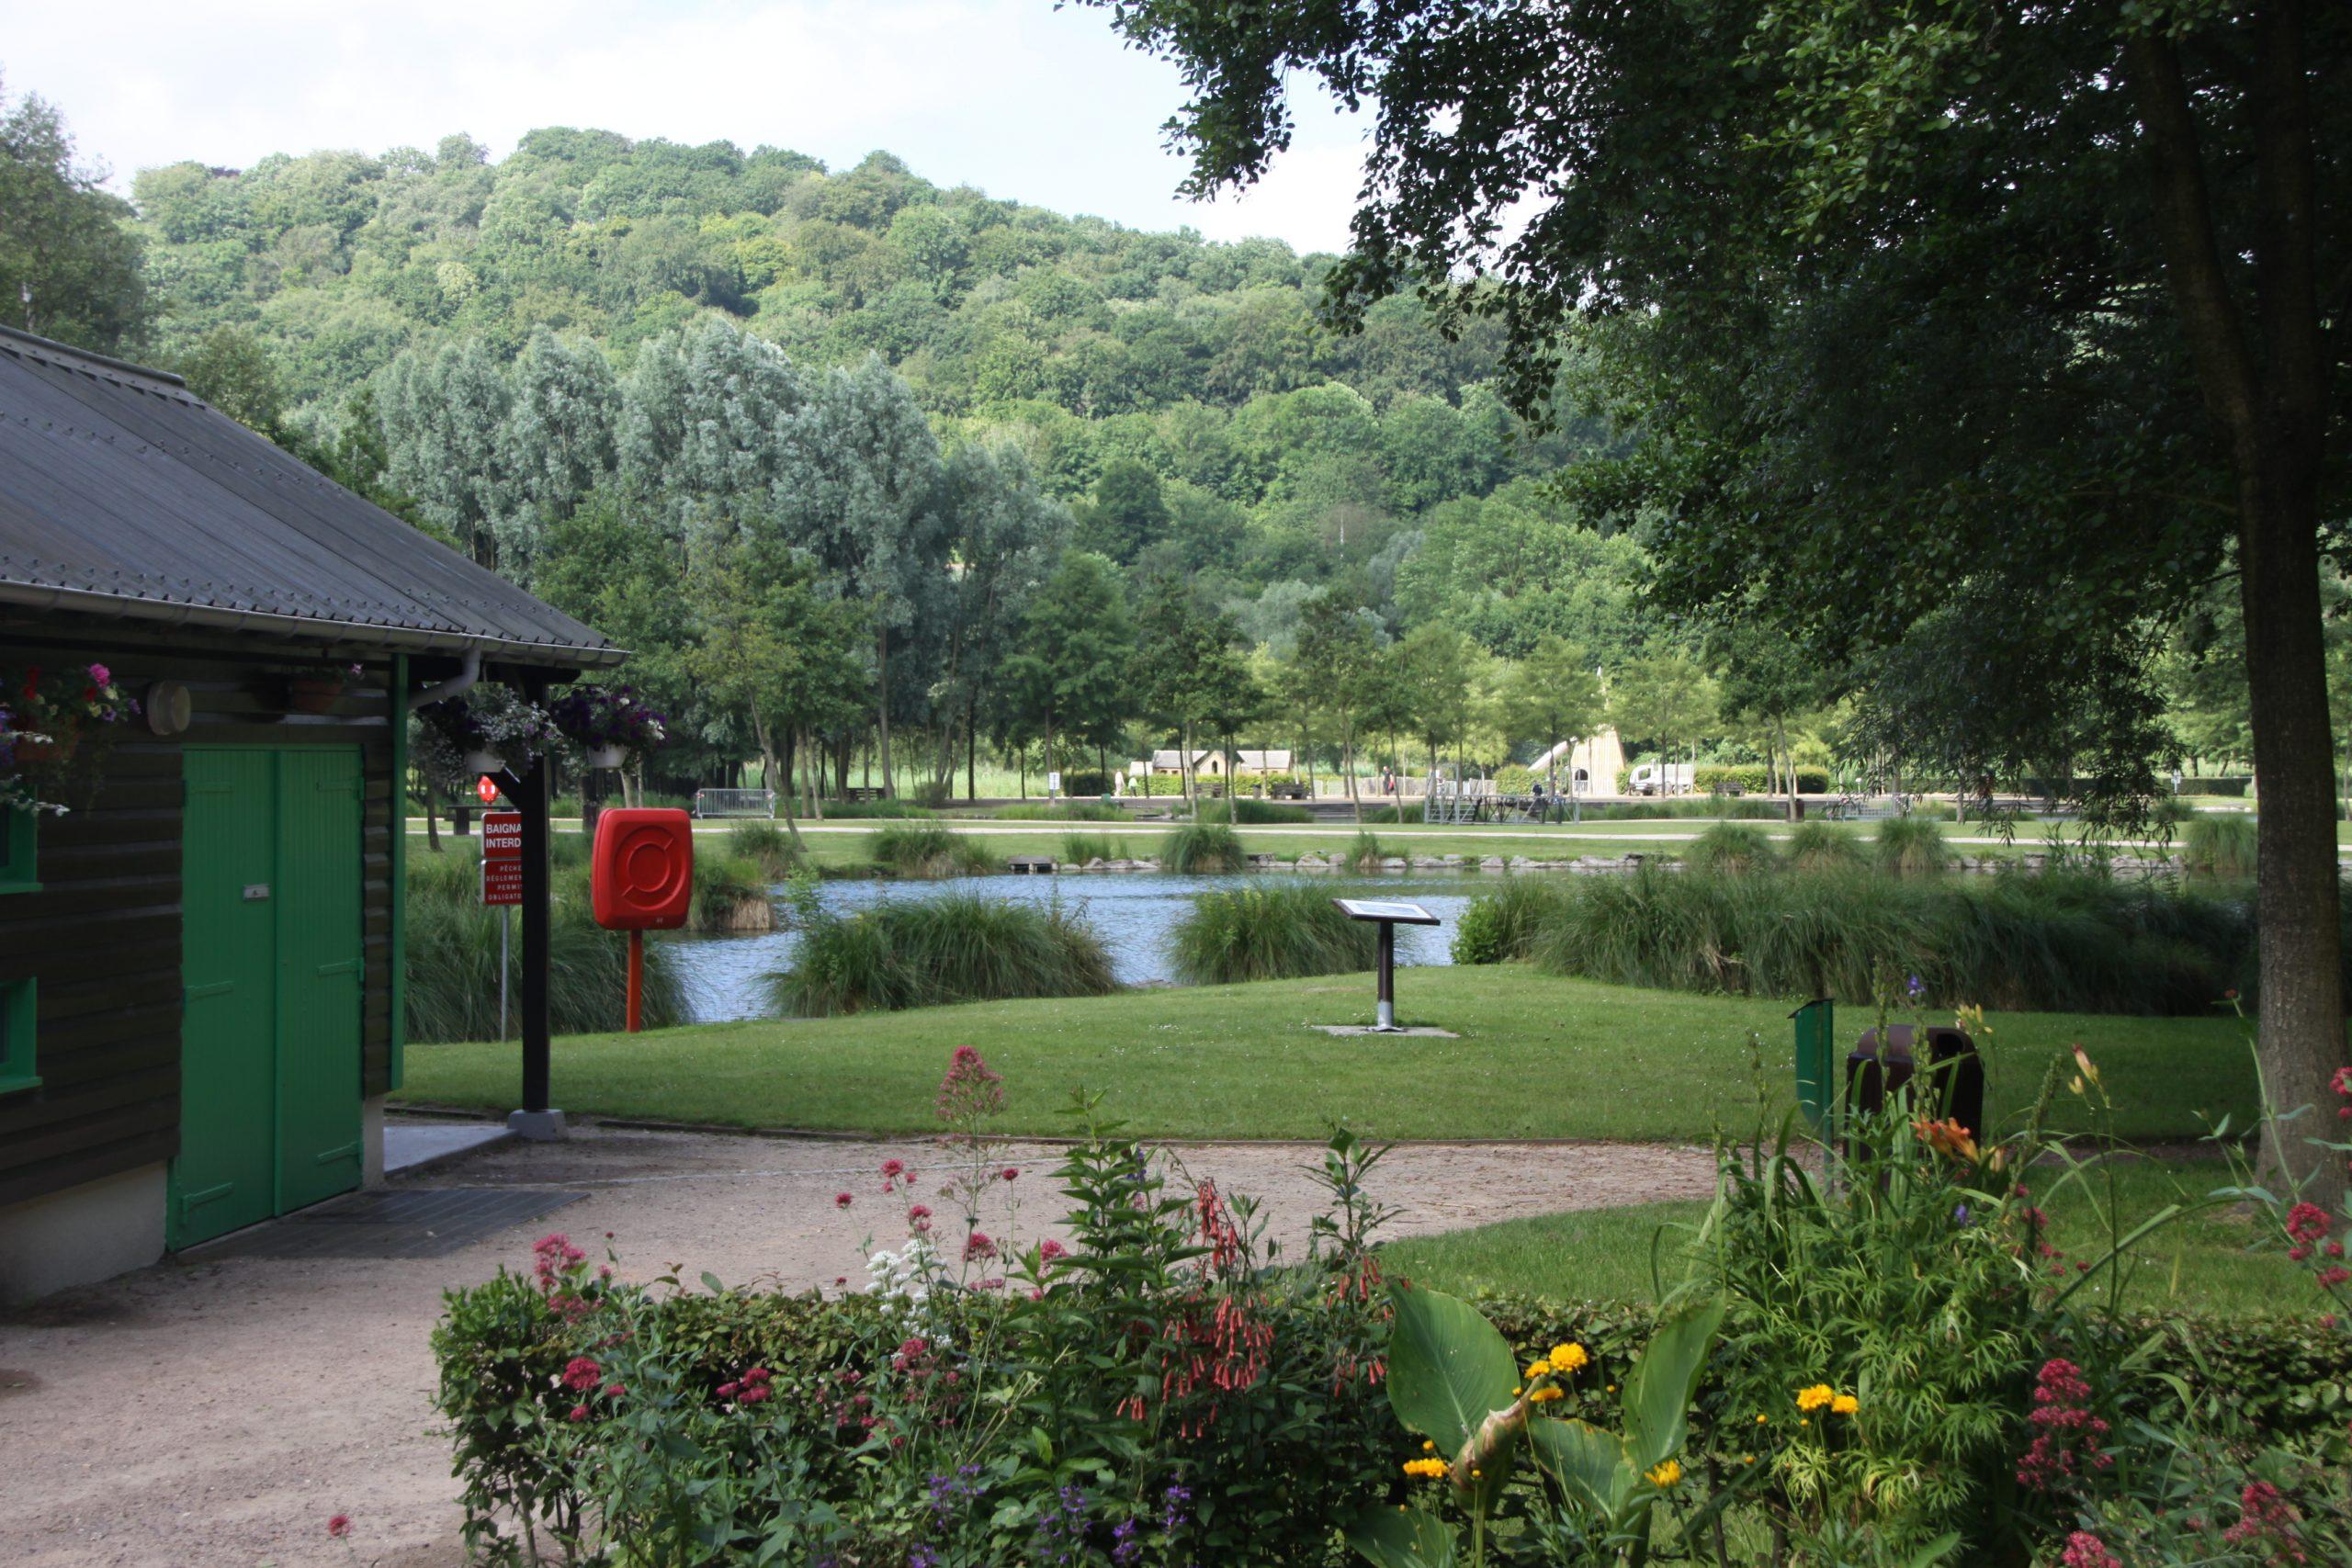 File:parc Des Aulnes De Lillebonne.jpg - Wikimedia Commons à Piscine Lillebonne